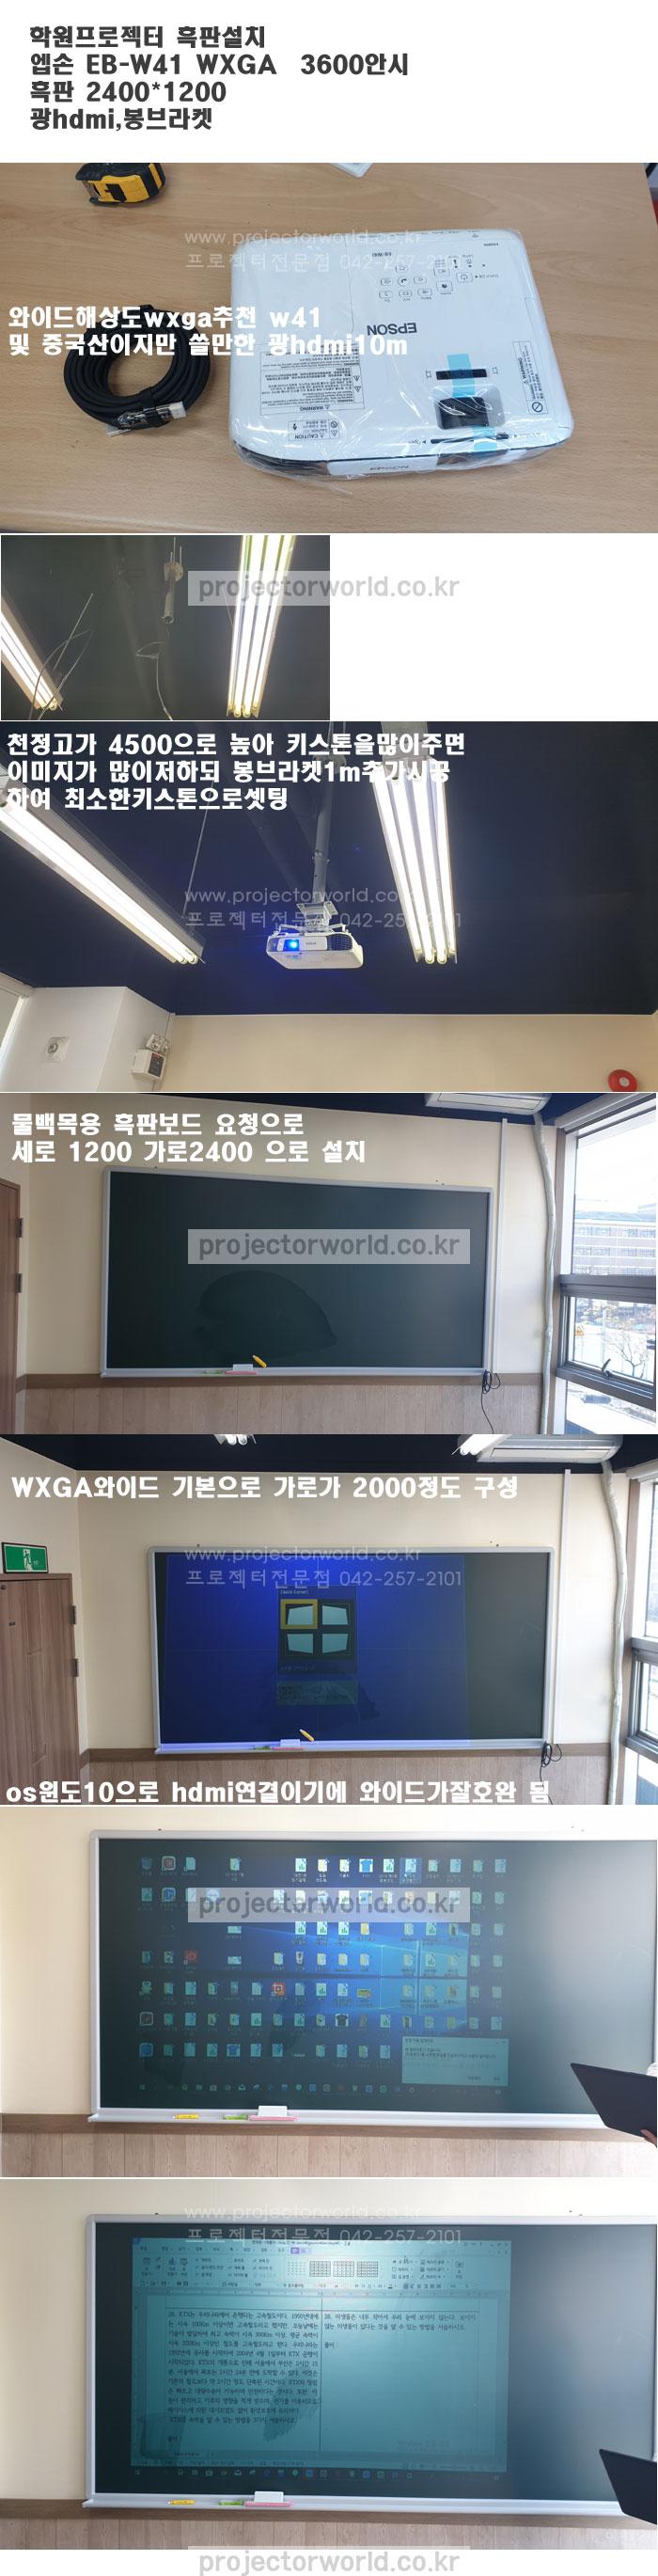 eb-w41,학원빔설치대전프로젝터,흑판보드,보드빔설치,